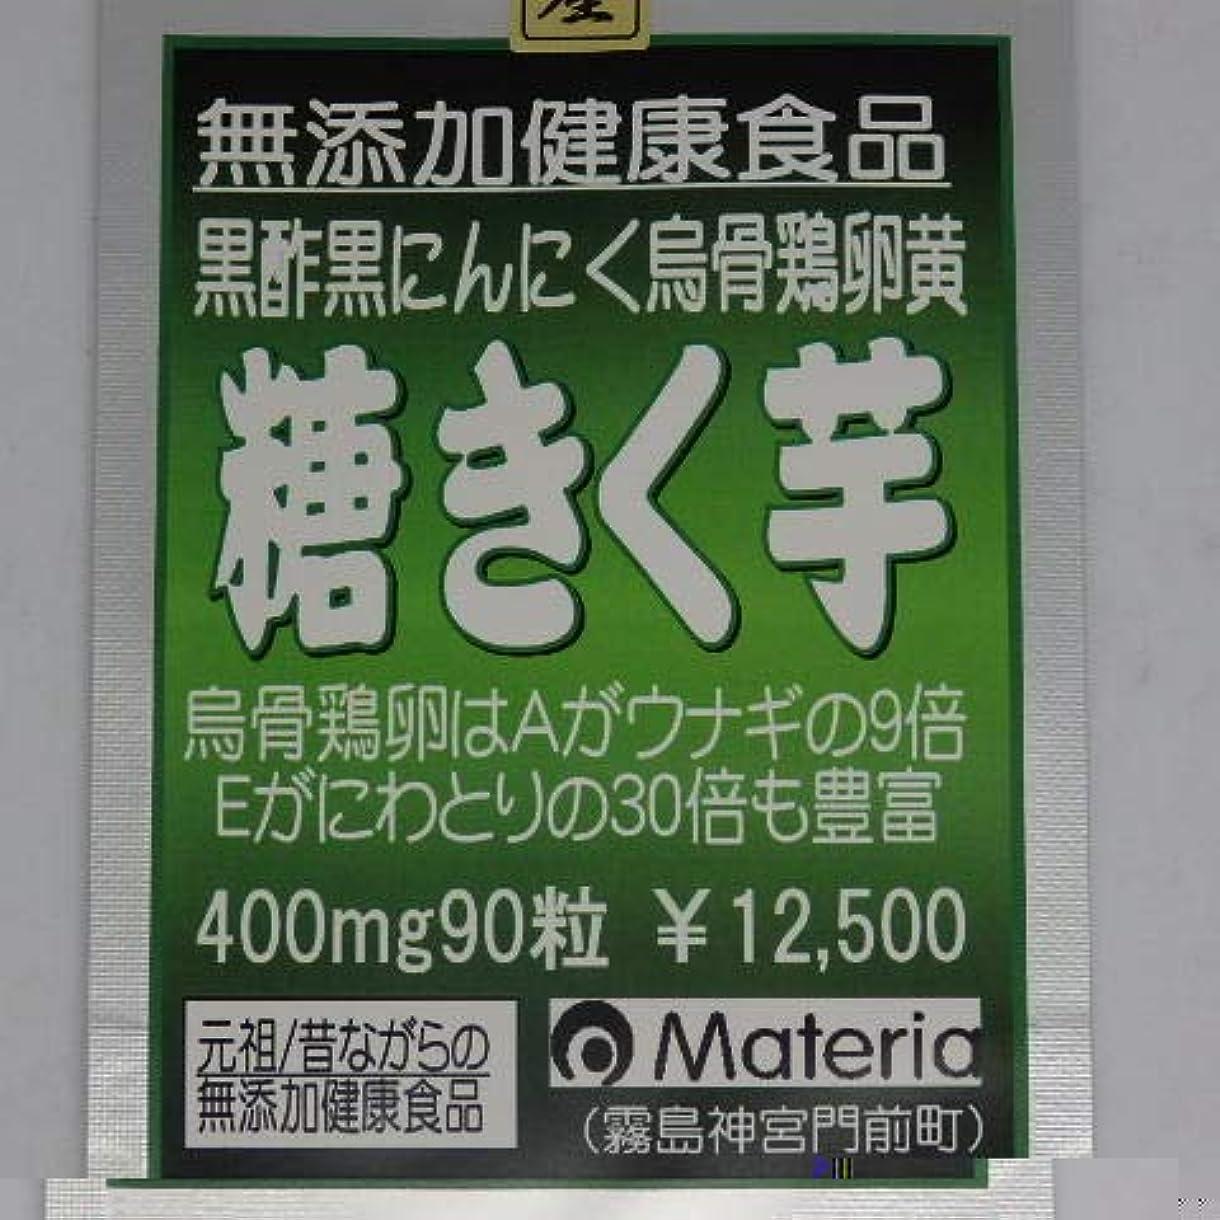 宗教カレッジ要求無添加健康食品/黒酢黒にんにく烏骨鶏卵黄/菊芋糖系 (90粒)90日分¥12,500